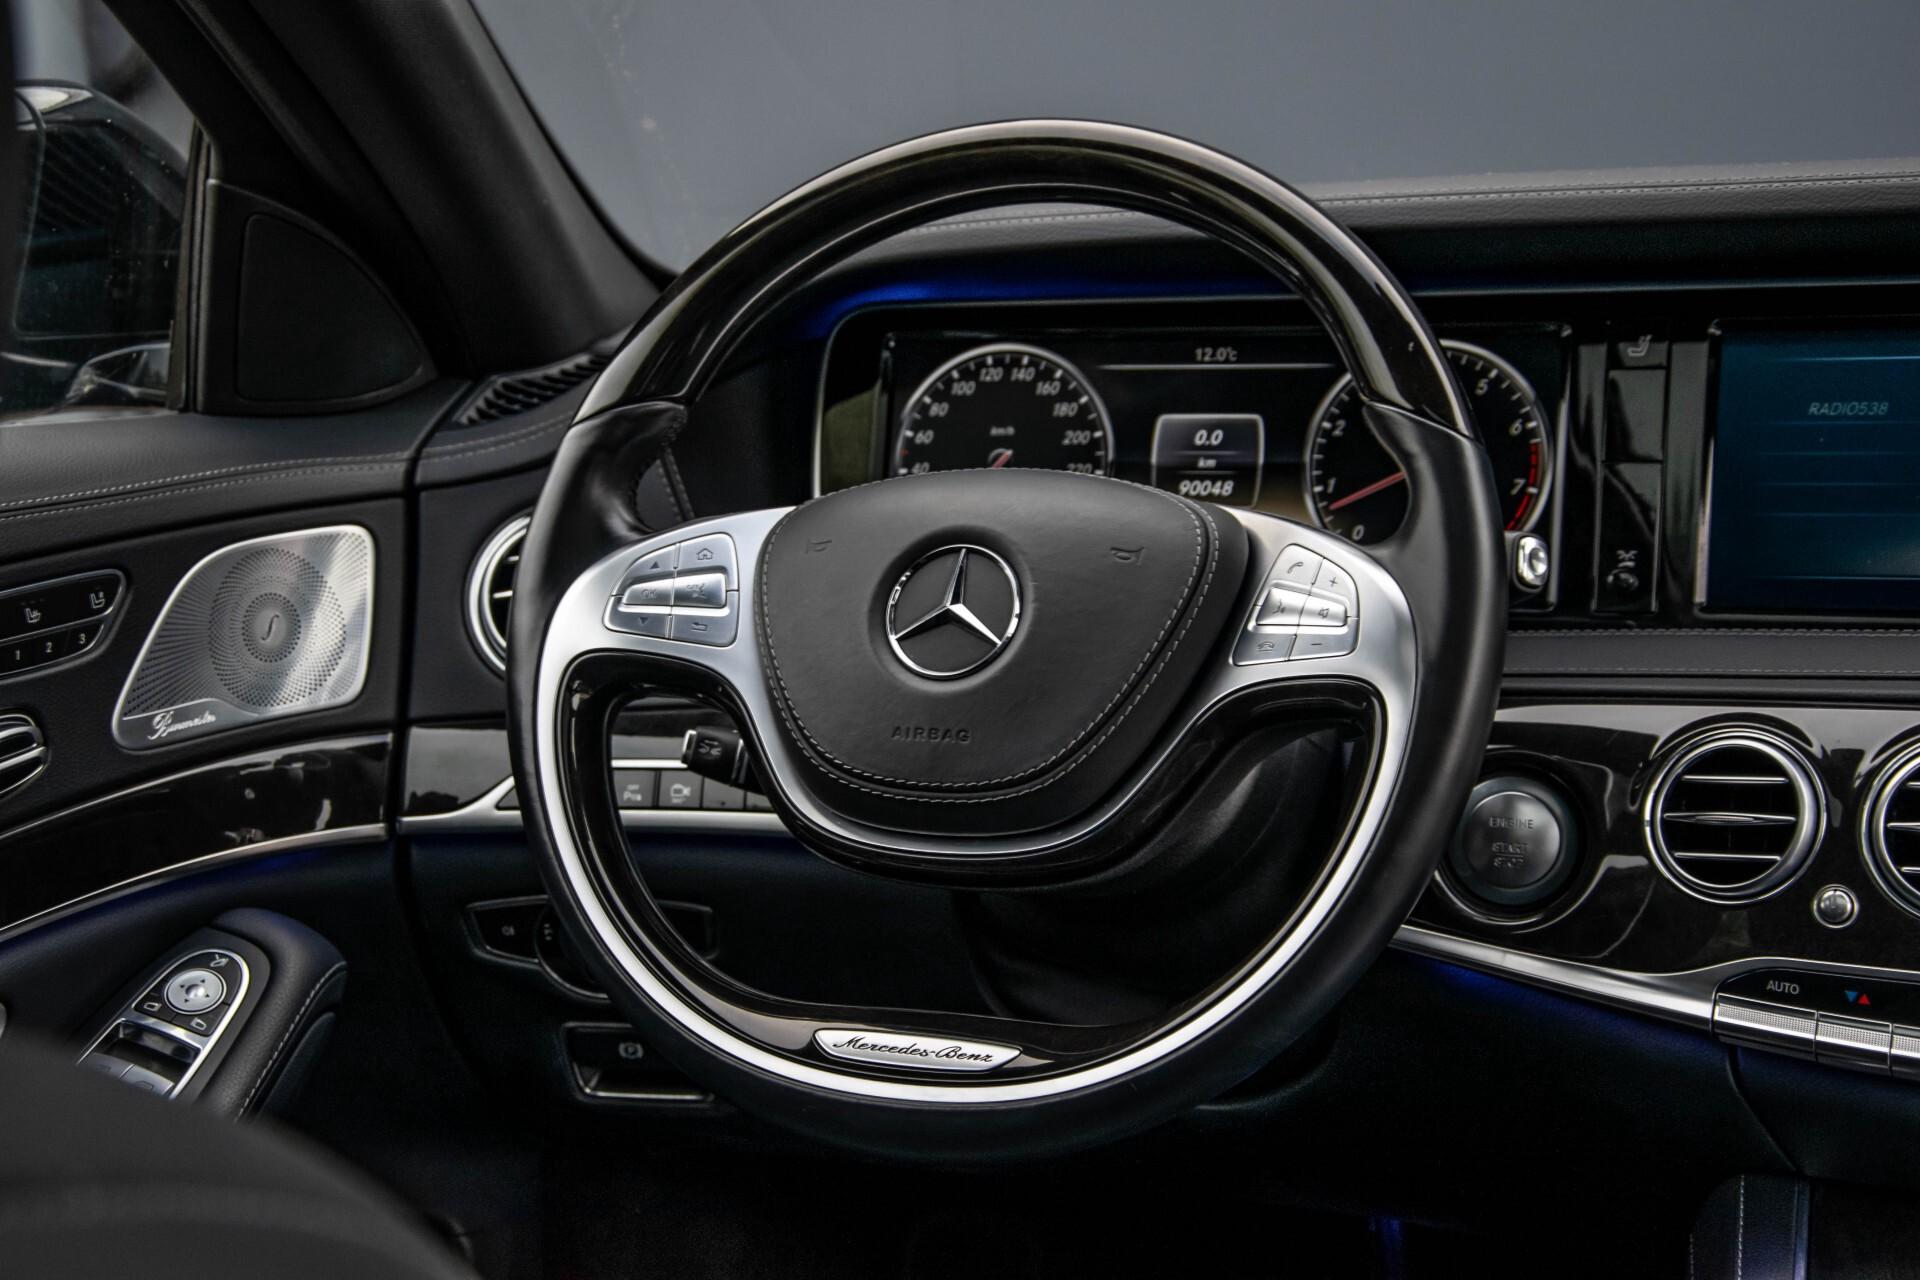 Mercedes-Benz S-Klasse 500 4-M AMG Panorama/Standkachel/Massage/Entertainment/TV Aut7 Foto 9